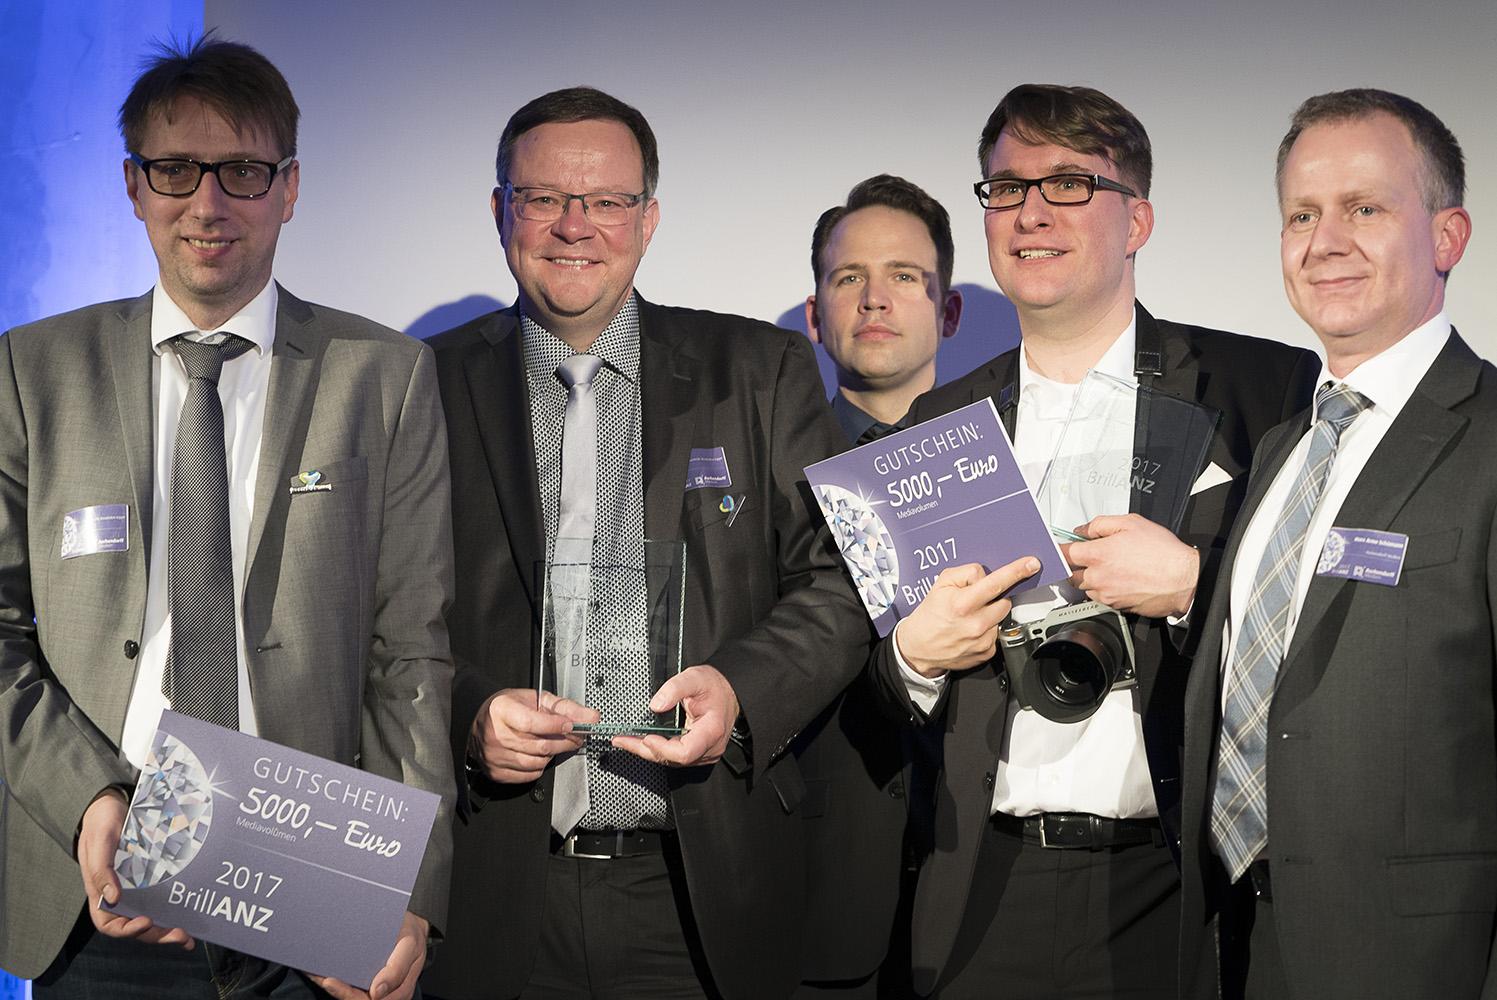 BrillANZ - Kreativwettbewerb von Aschendorff Medien | Aschendorff ...